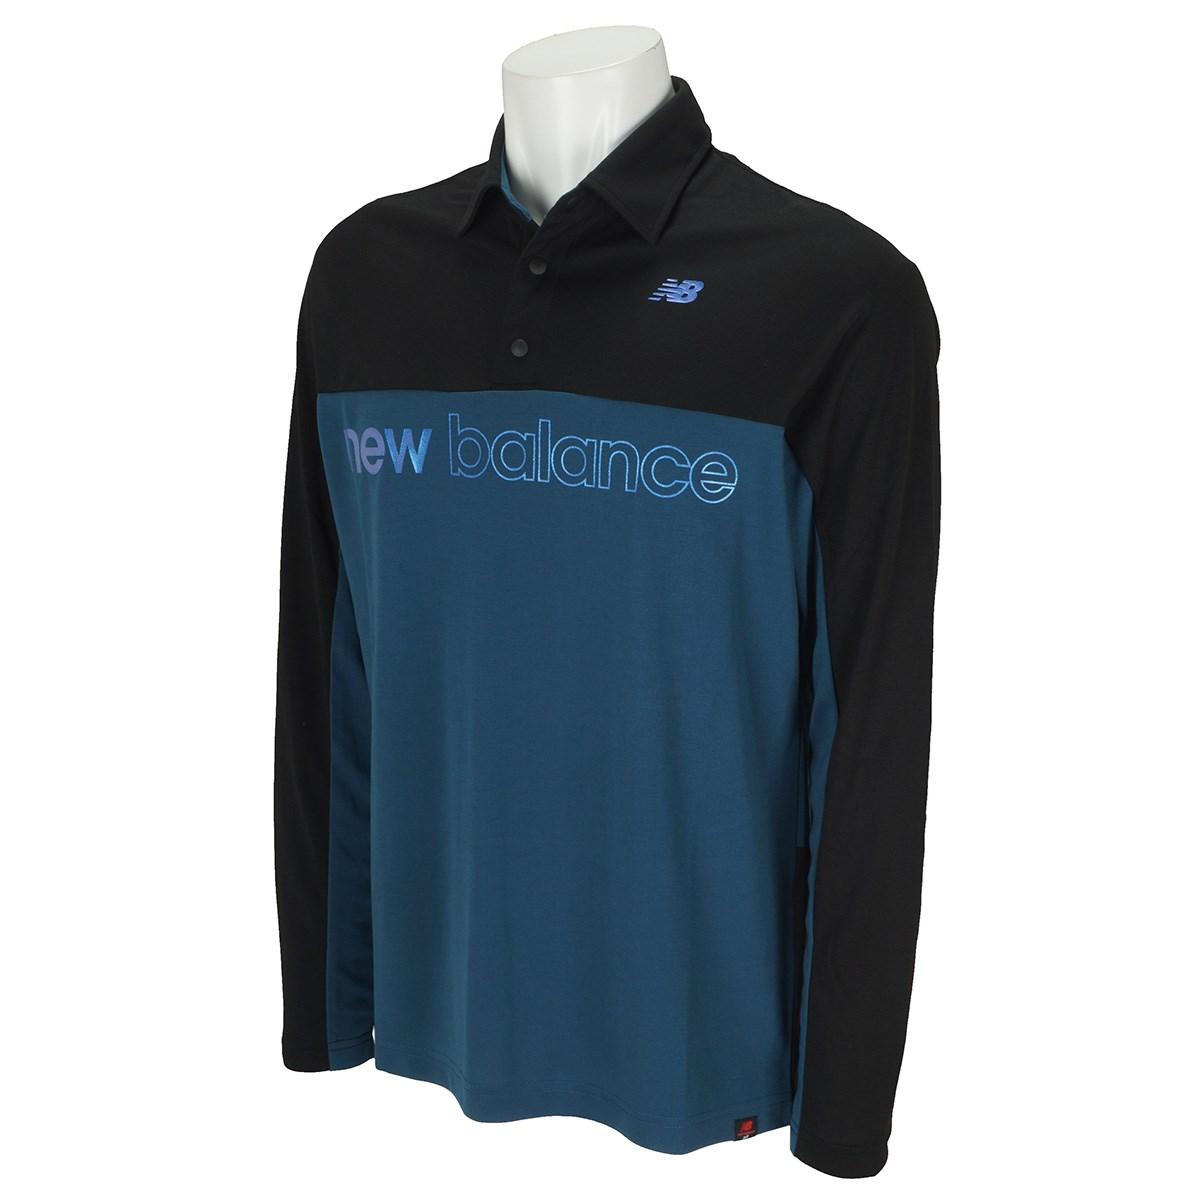 ニューバランス New Balance SPORT カラー 長袖ポロシャツ 4 ブラック 010